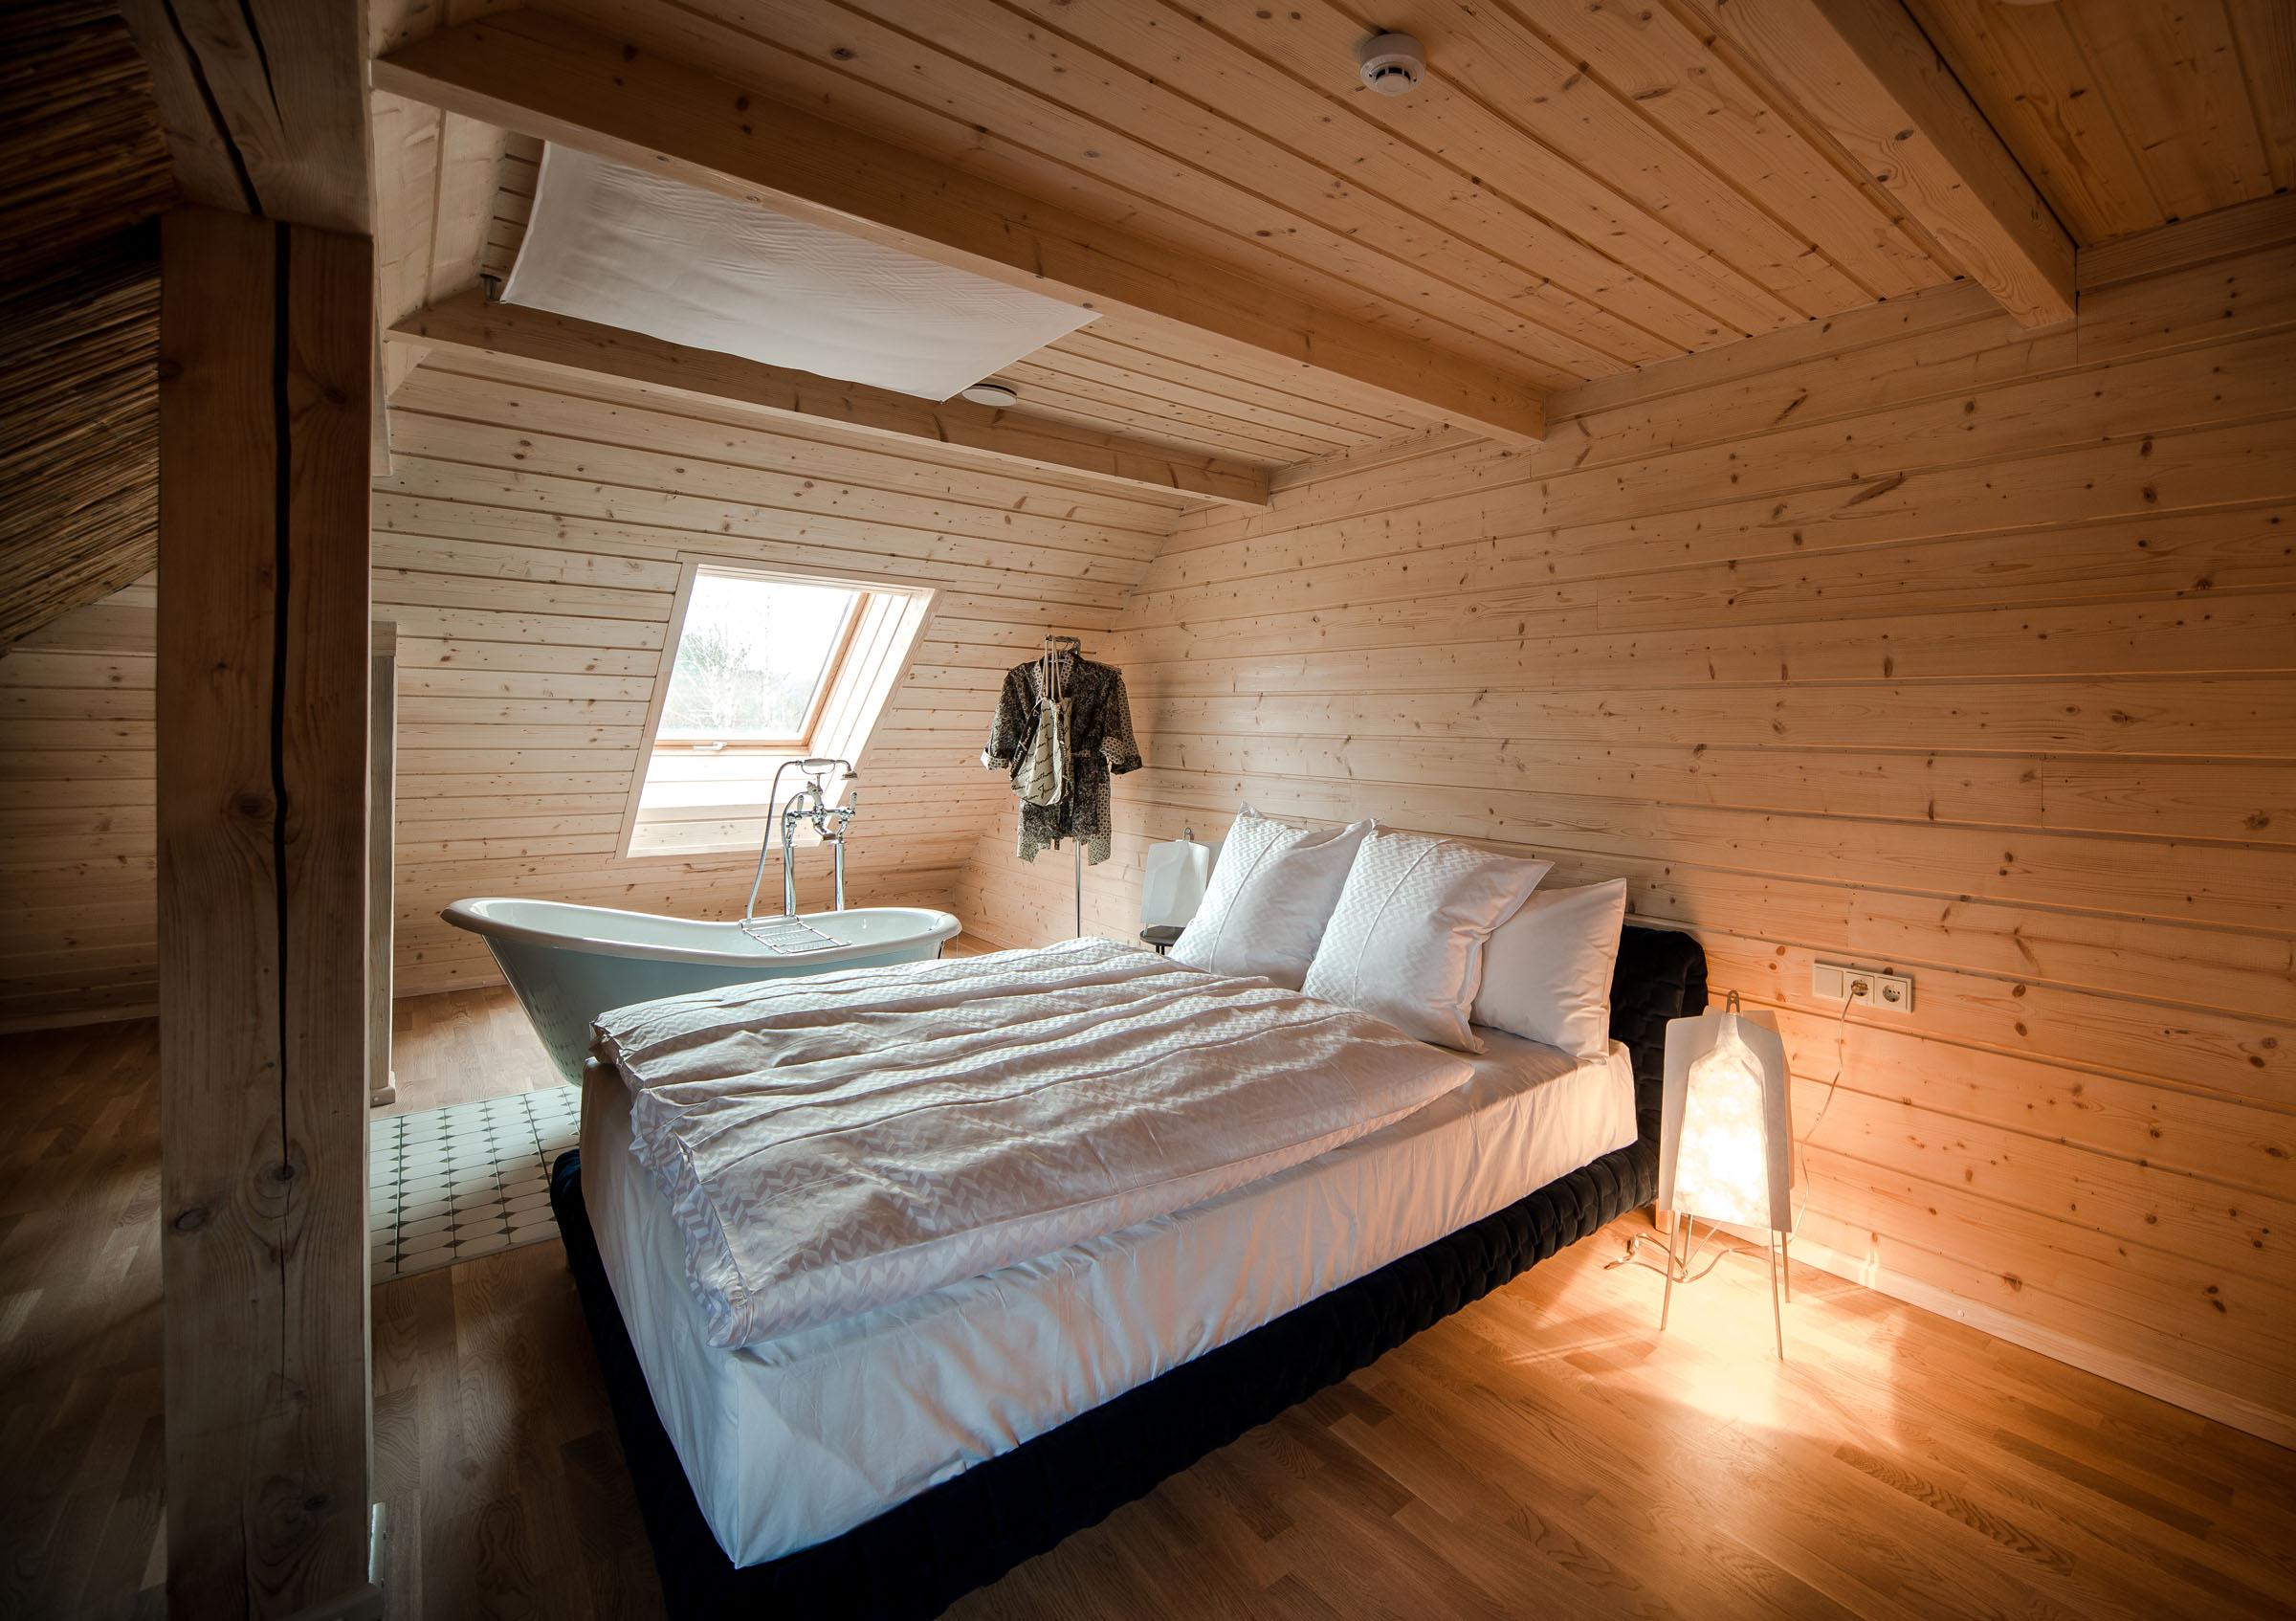 hotel-interior-13